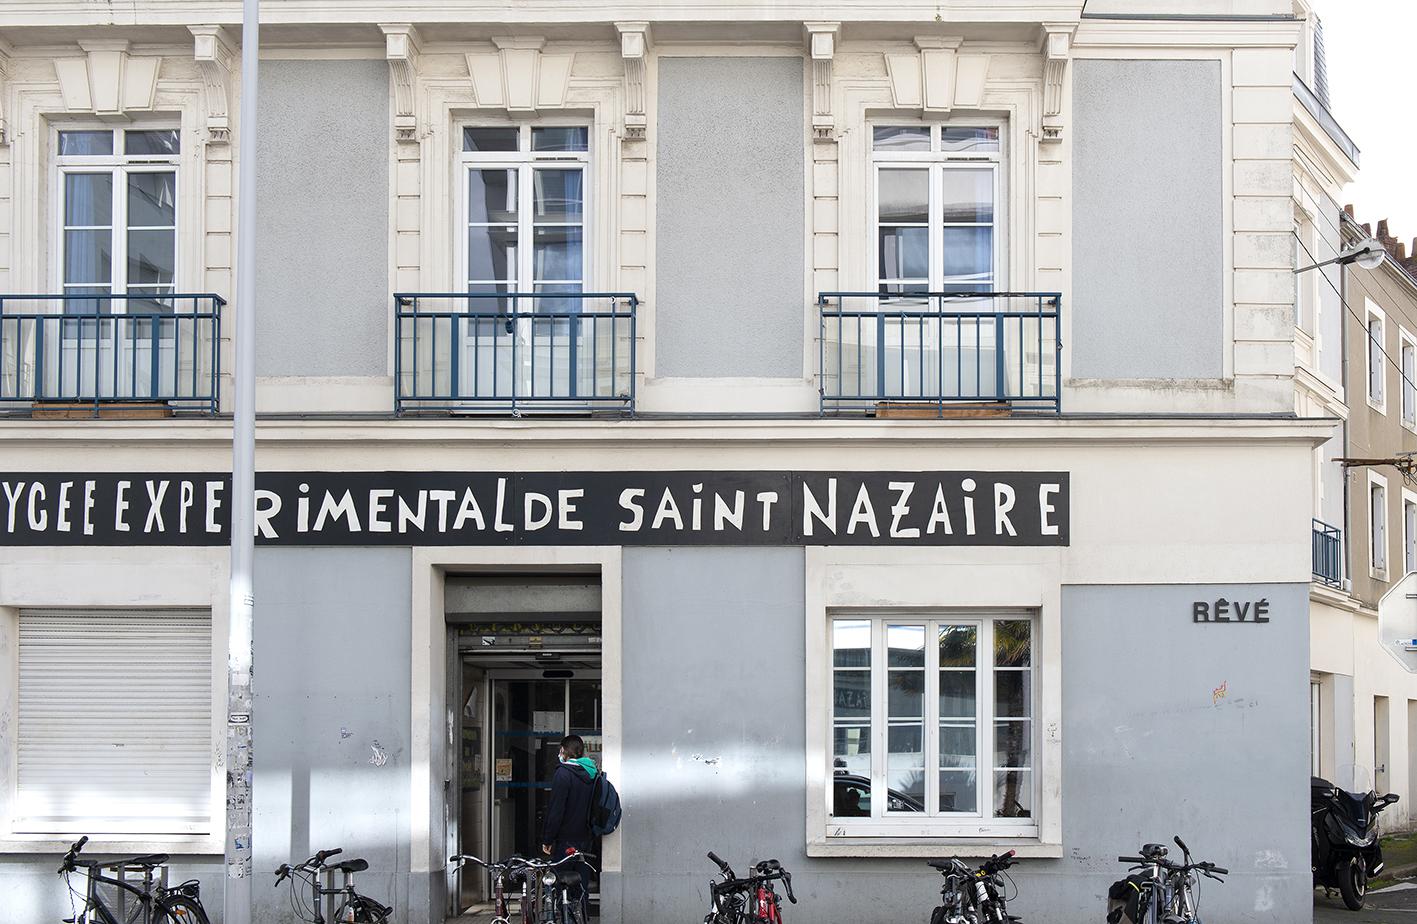 Chroniques de l'invisible [Record of the Invisible] - Le Grand Café